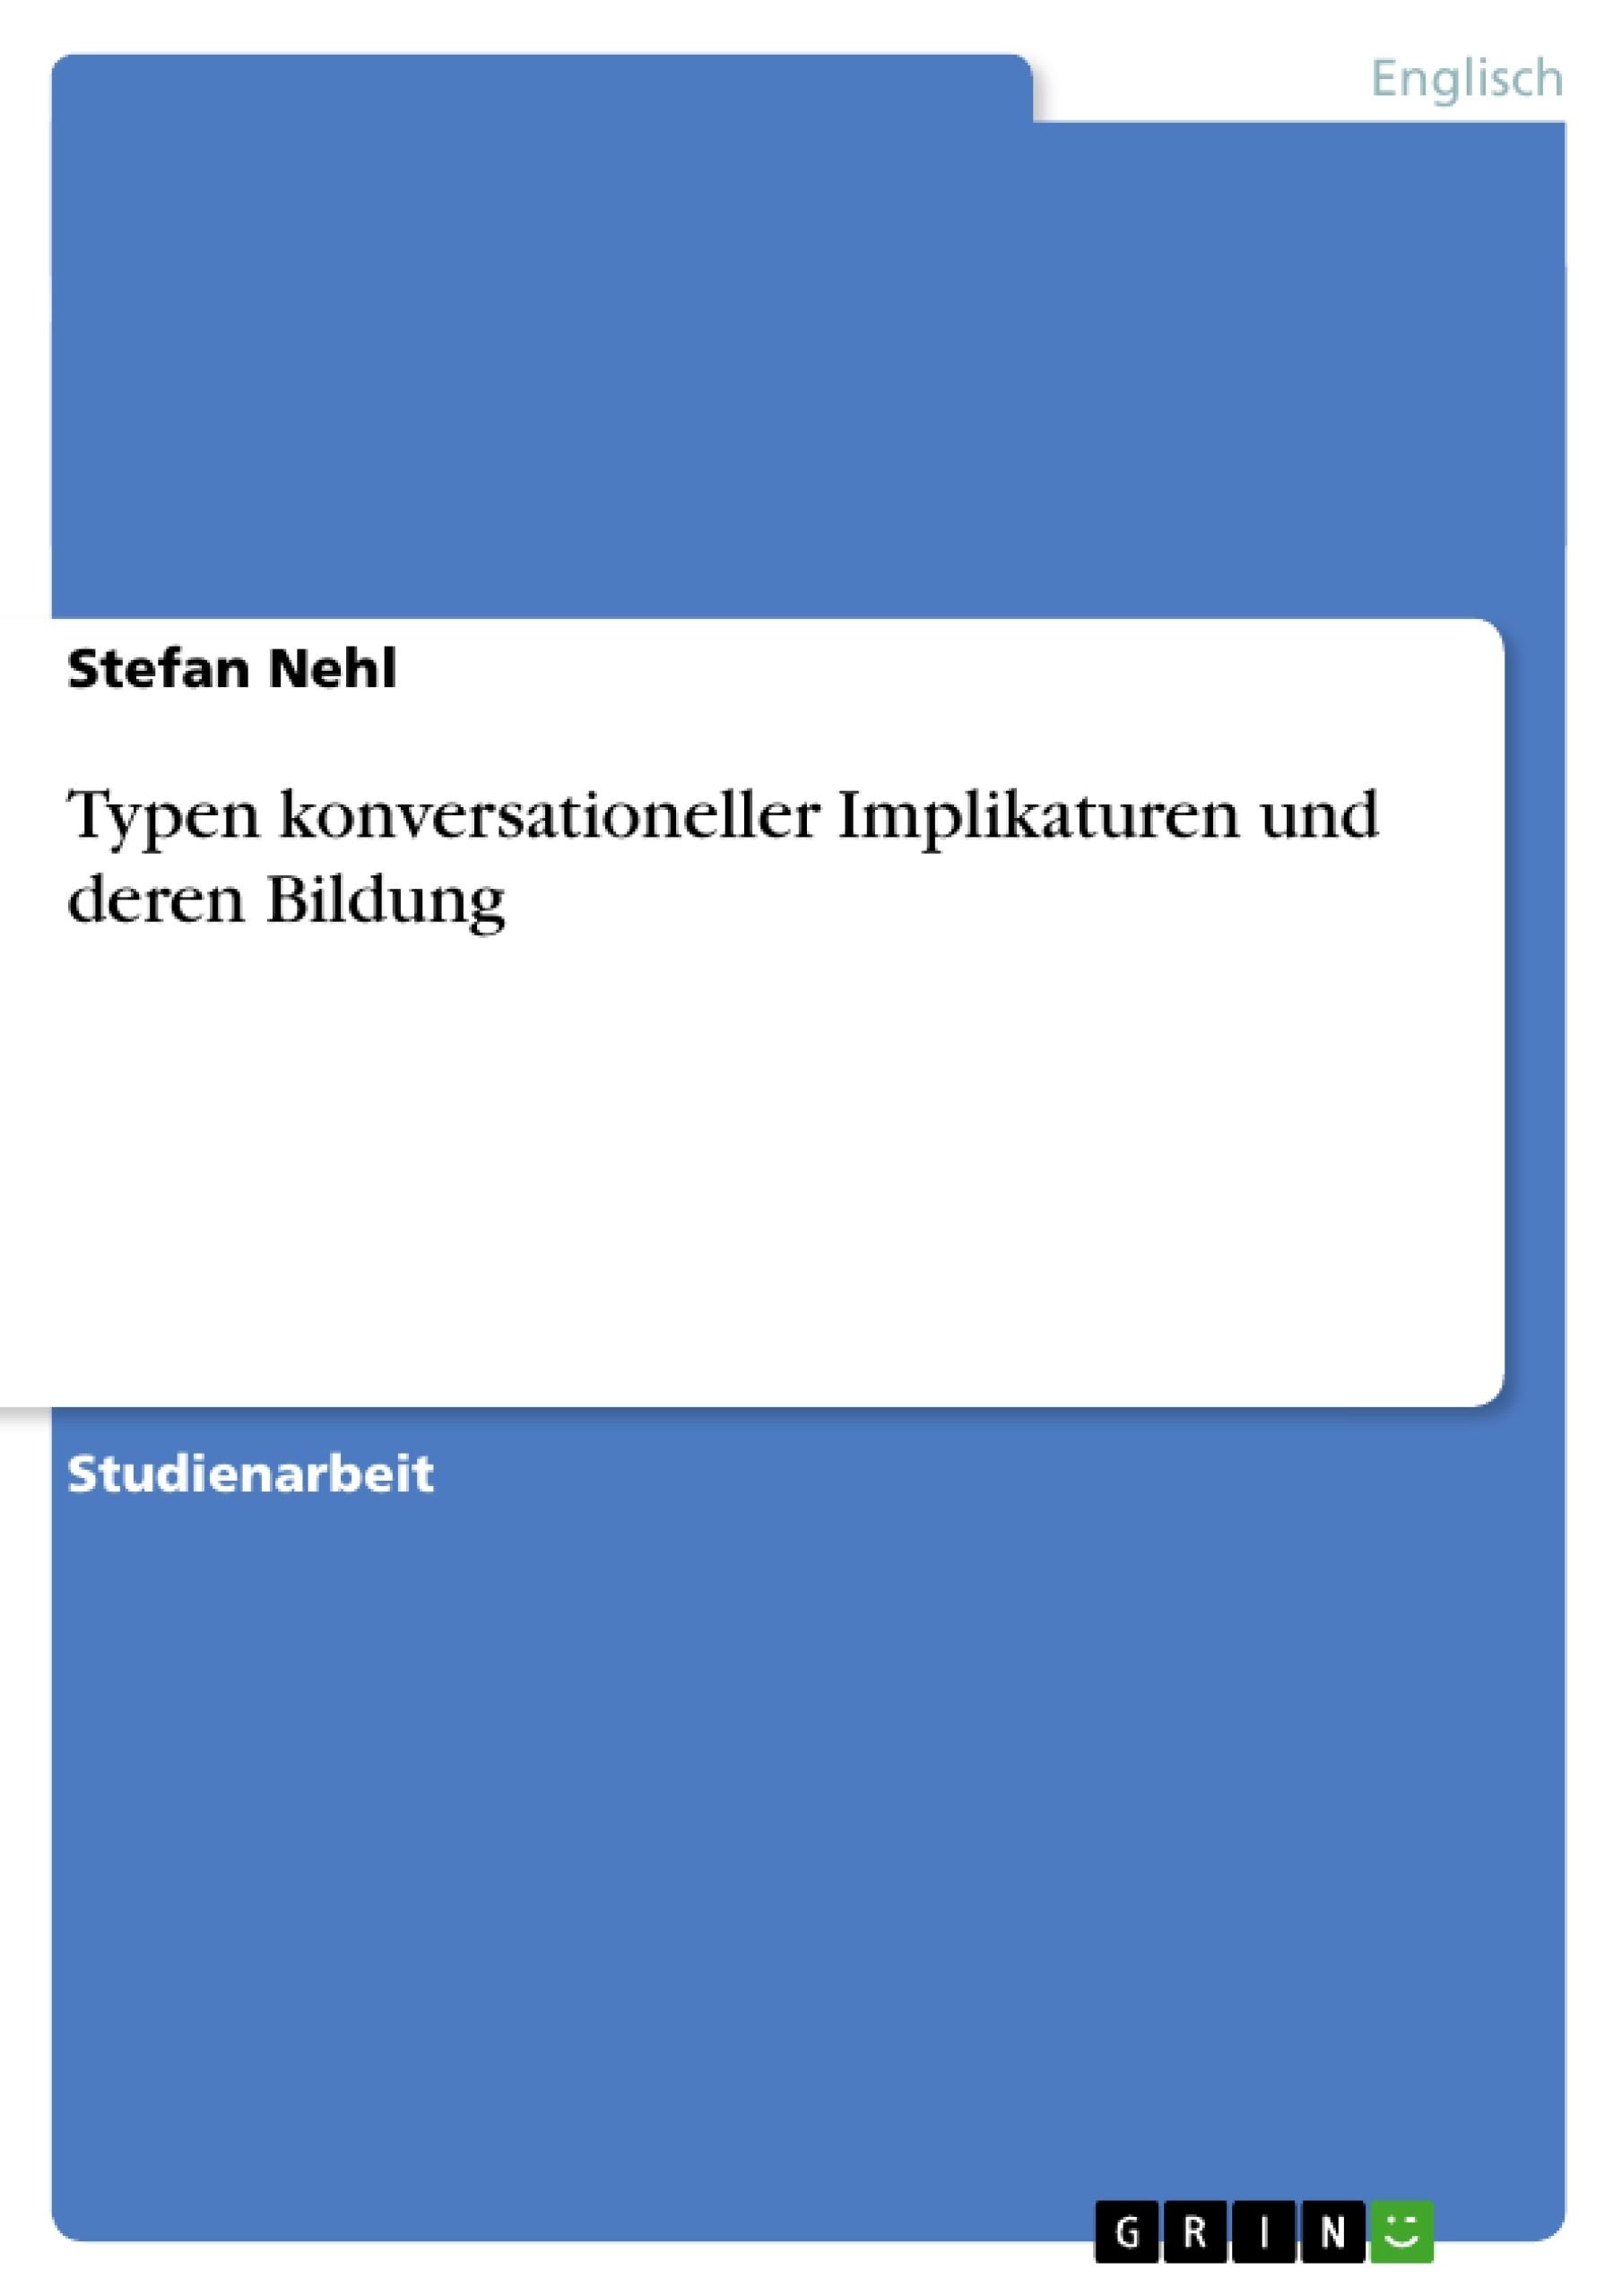 Titel: Typen konversationeller Implikaturen und deren Bildung